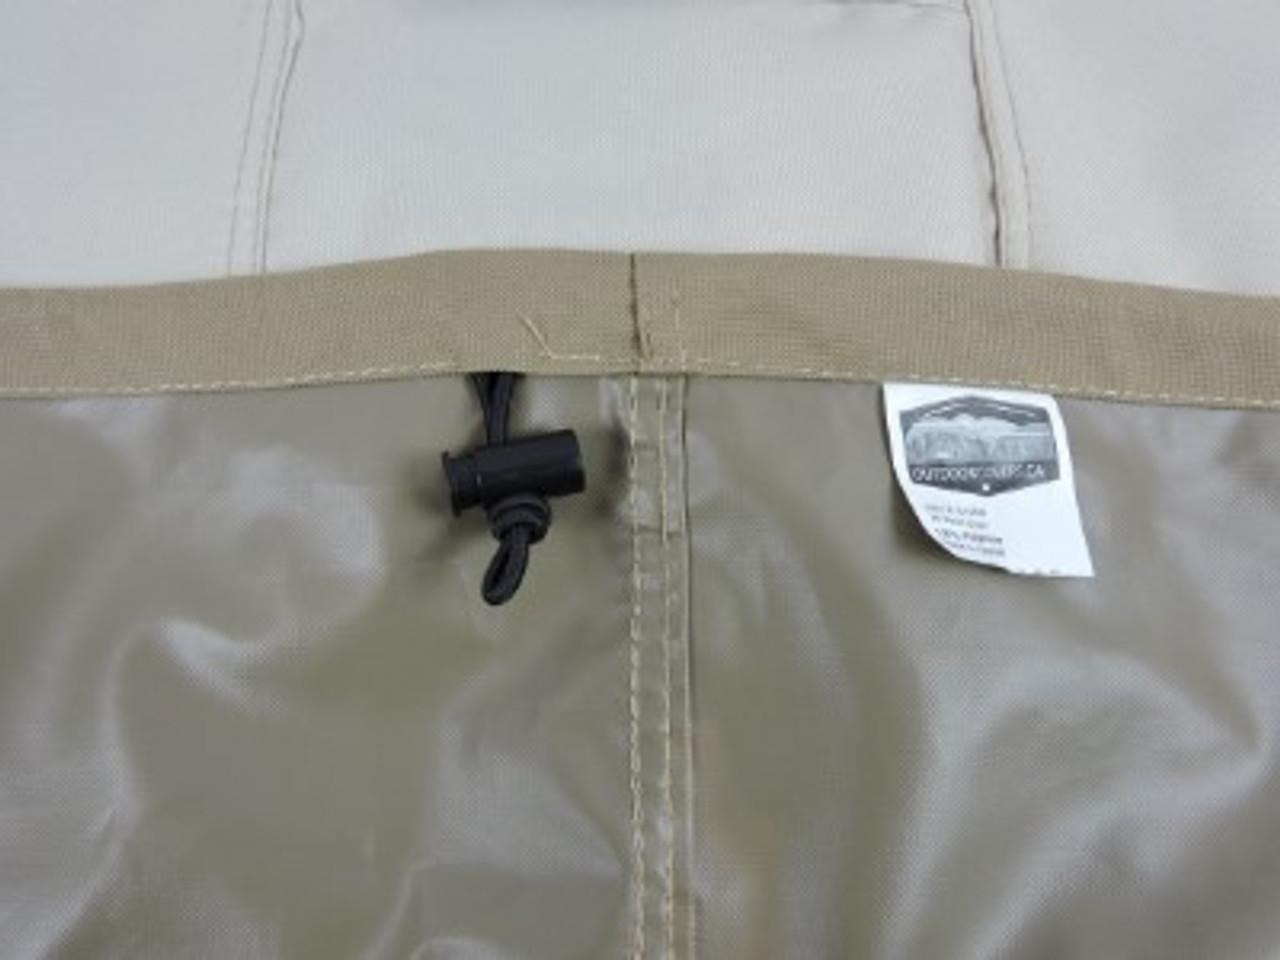 Savanna shock cord hem with adjustable lock for snug fit